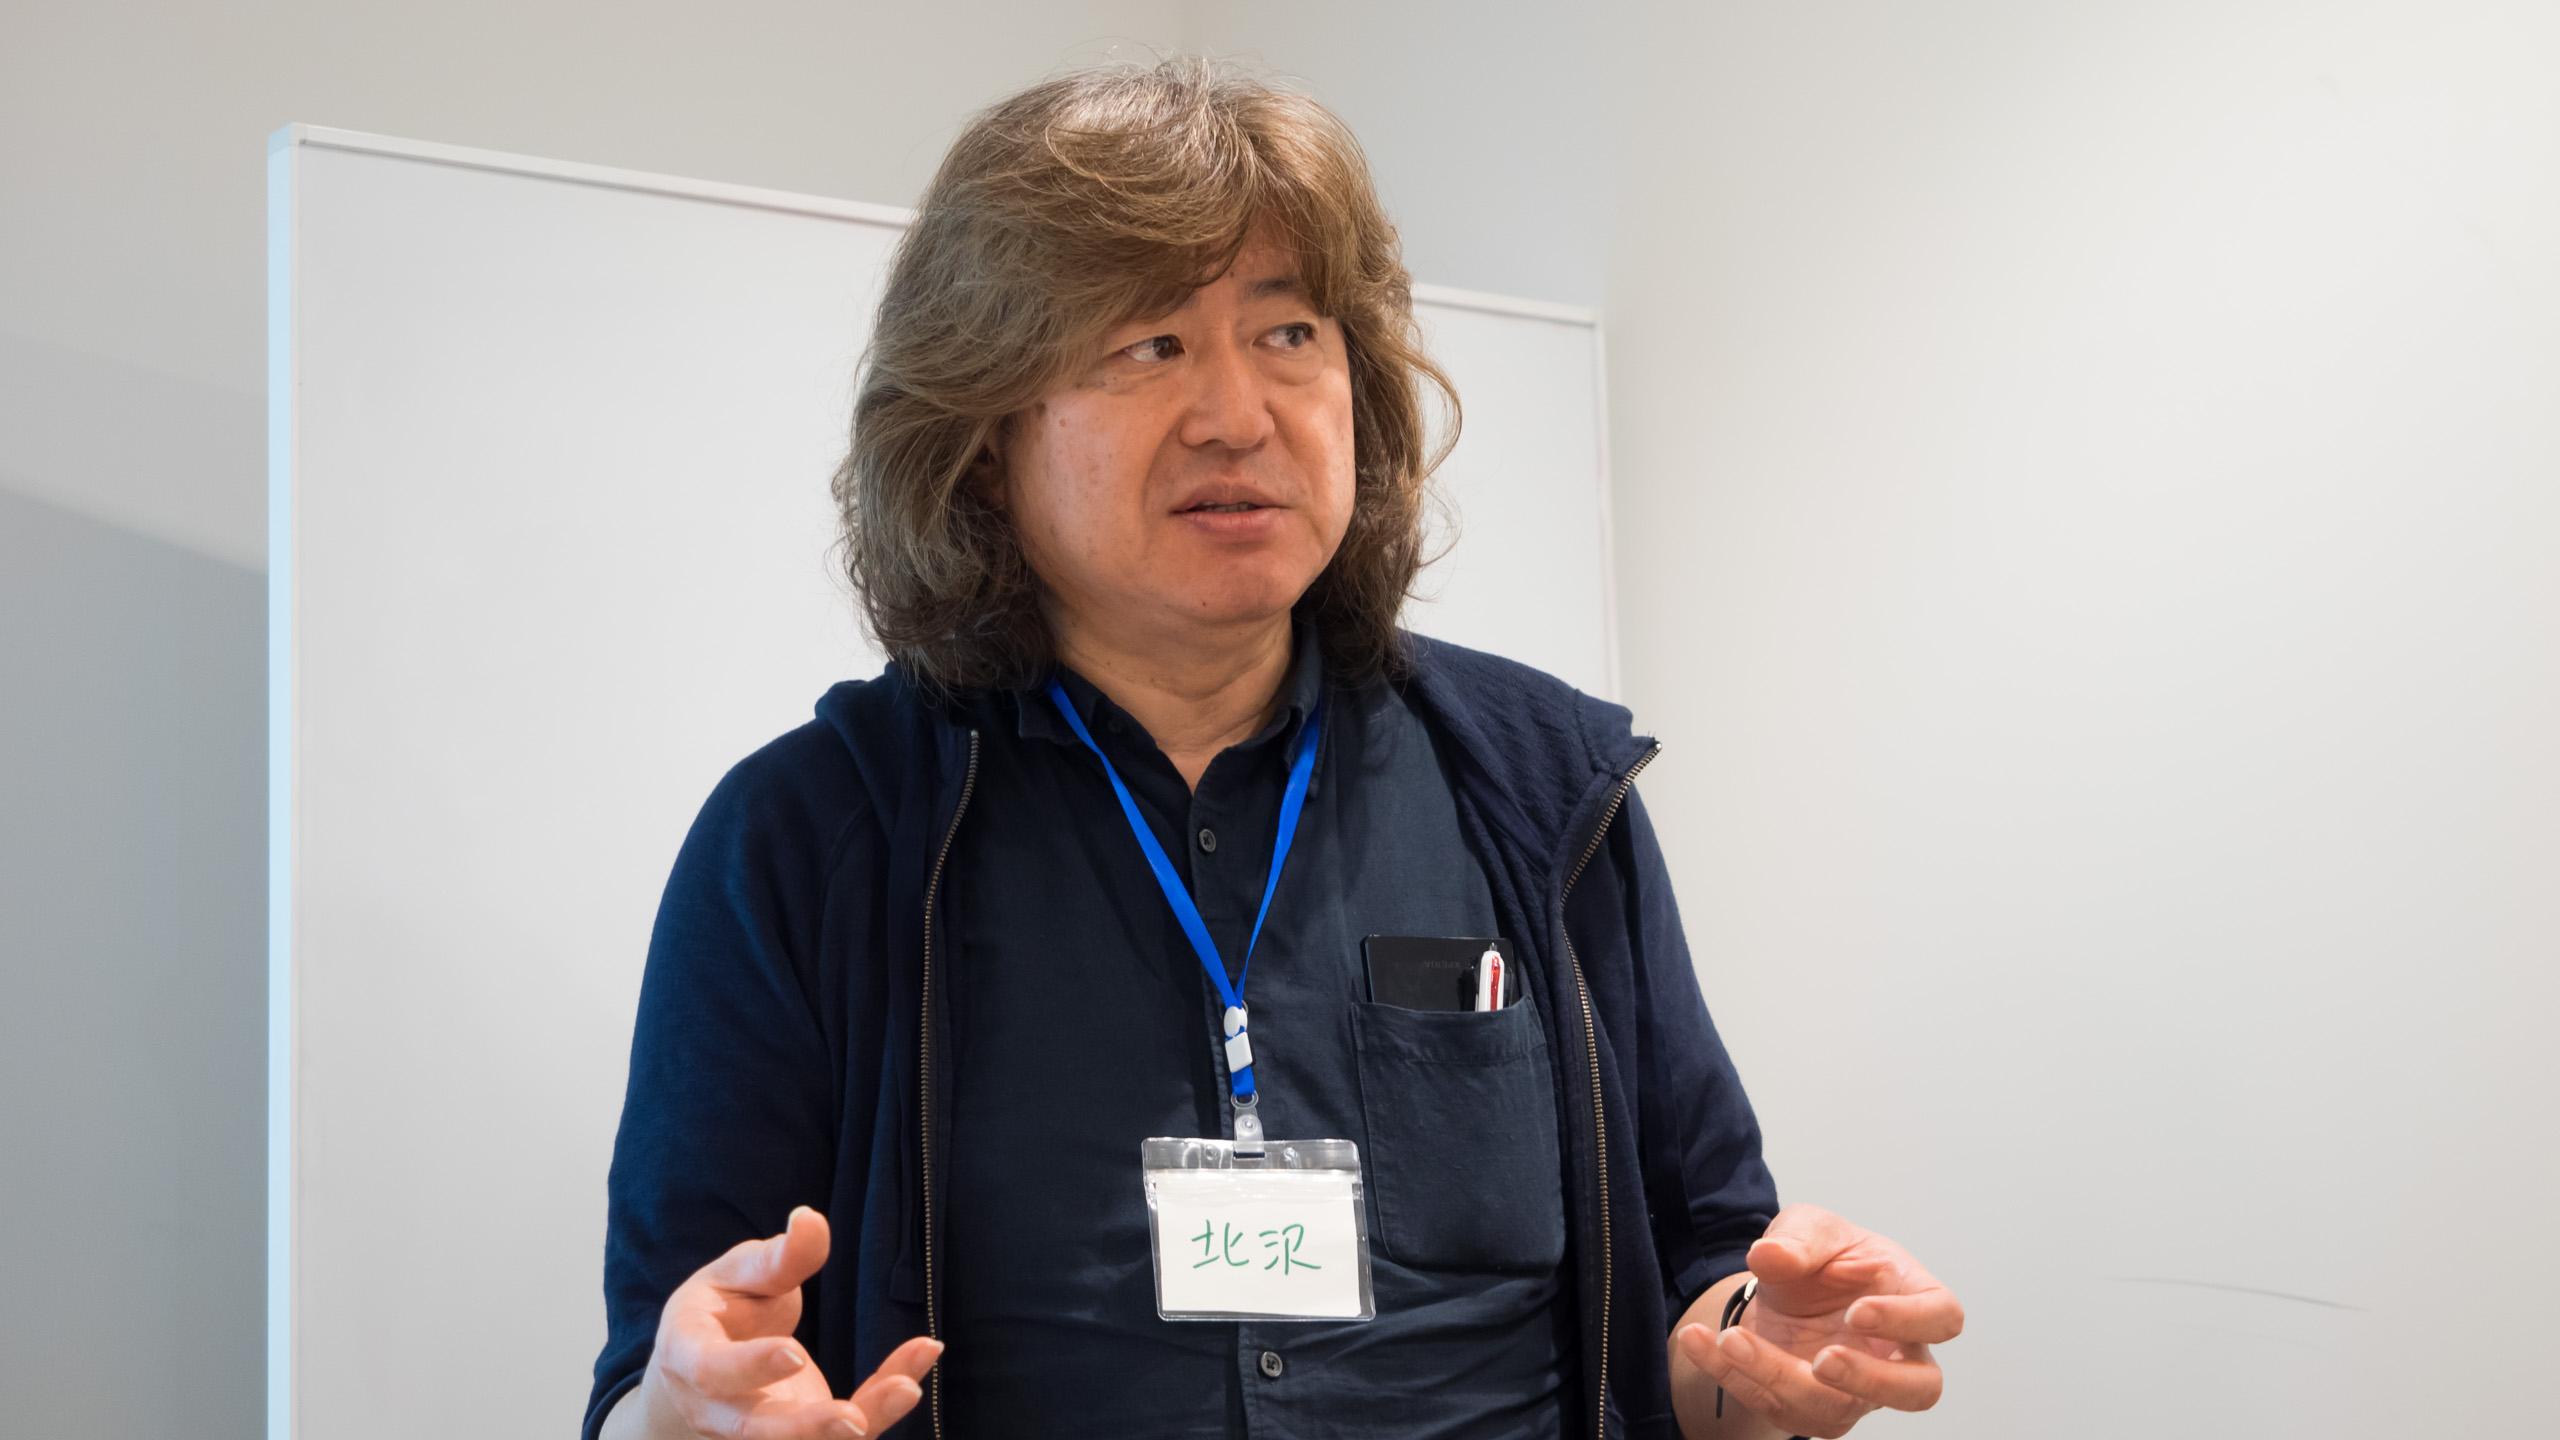 株式会社オルカプロダクション 代表取締役社長 北沢 至 氏